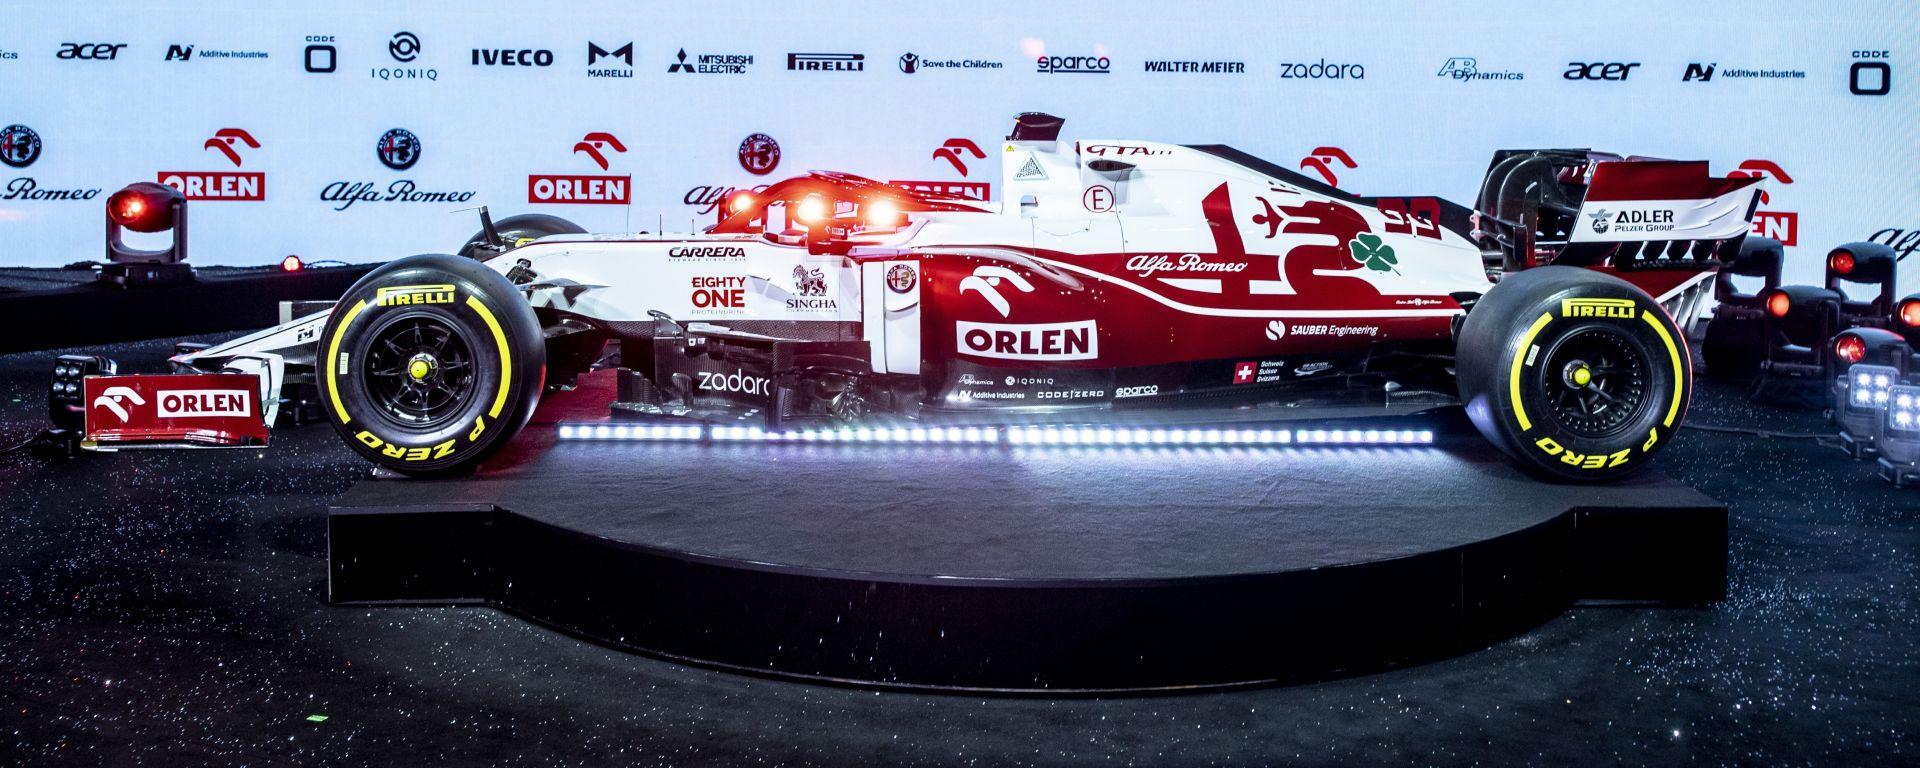 F1 2021, l'Alfa Romeo Racing C41 sul palco della presentazione di Varsavia